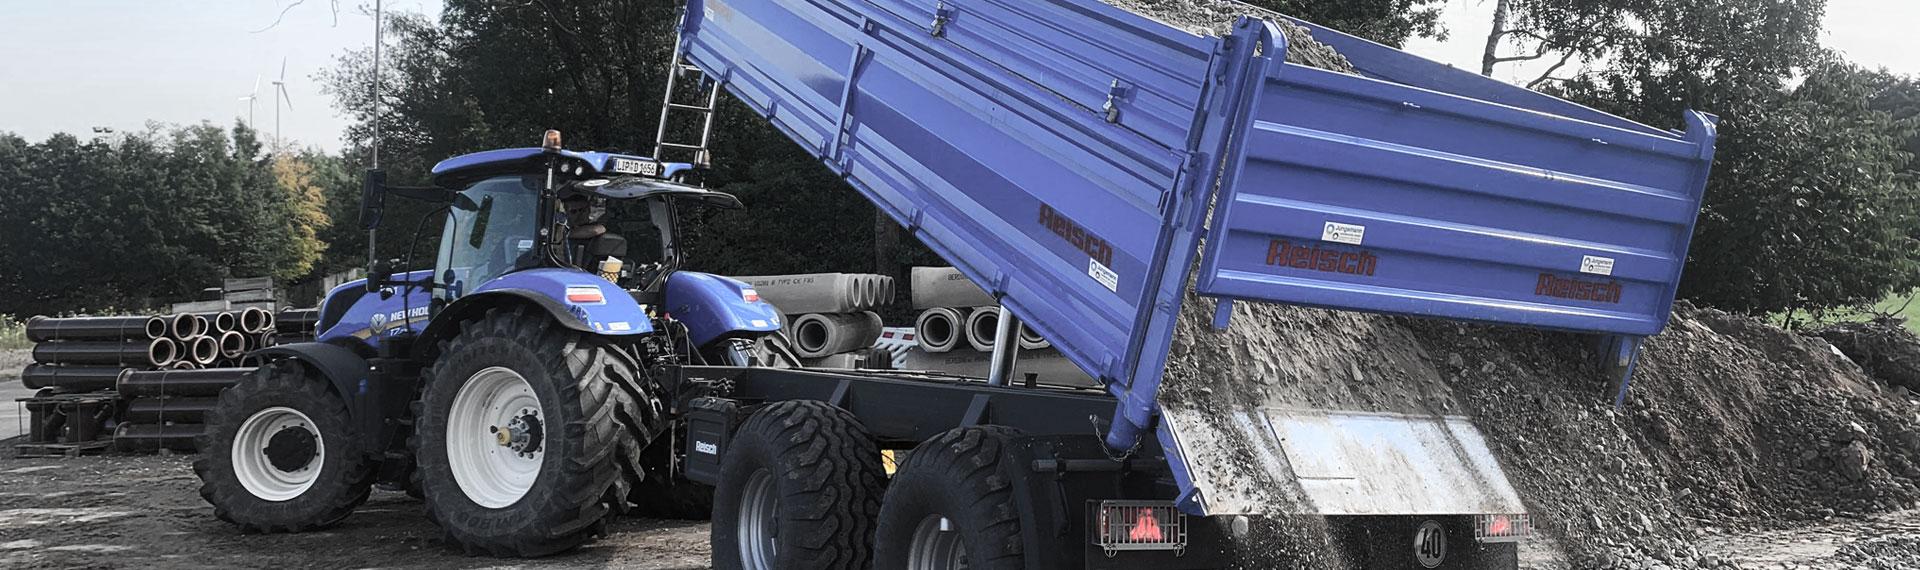 Un camion ribaltabile blu con cassone realizzato in lamiera d'acciaio Hardox® che scarica un carico di rocce.